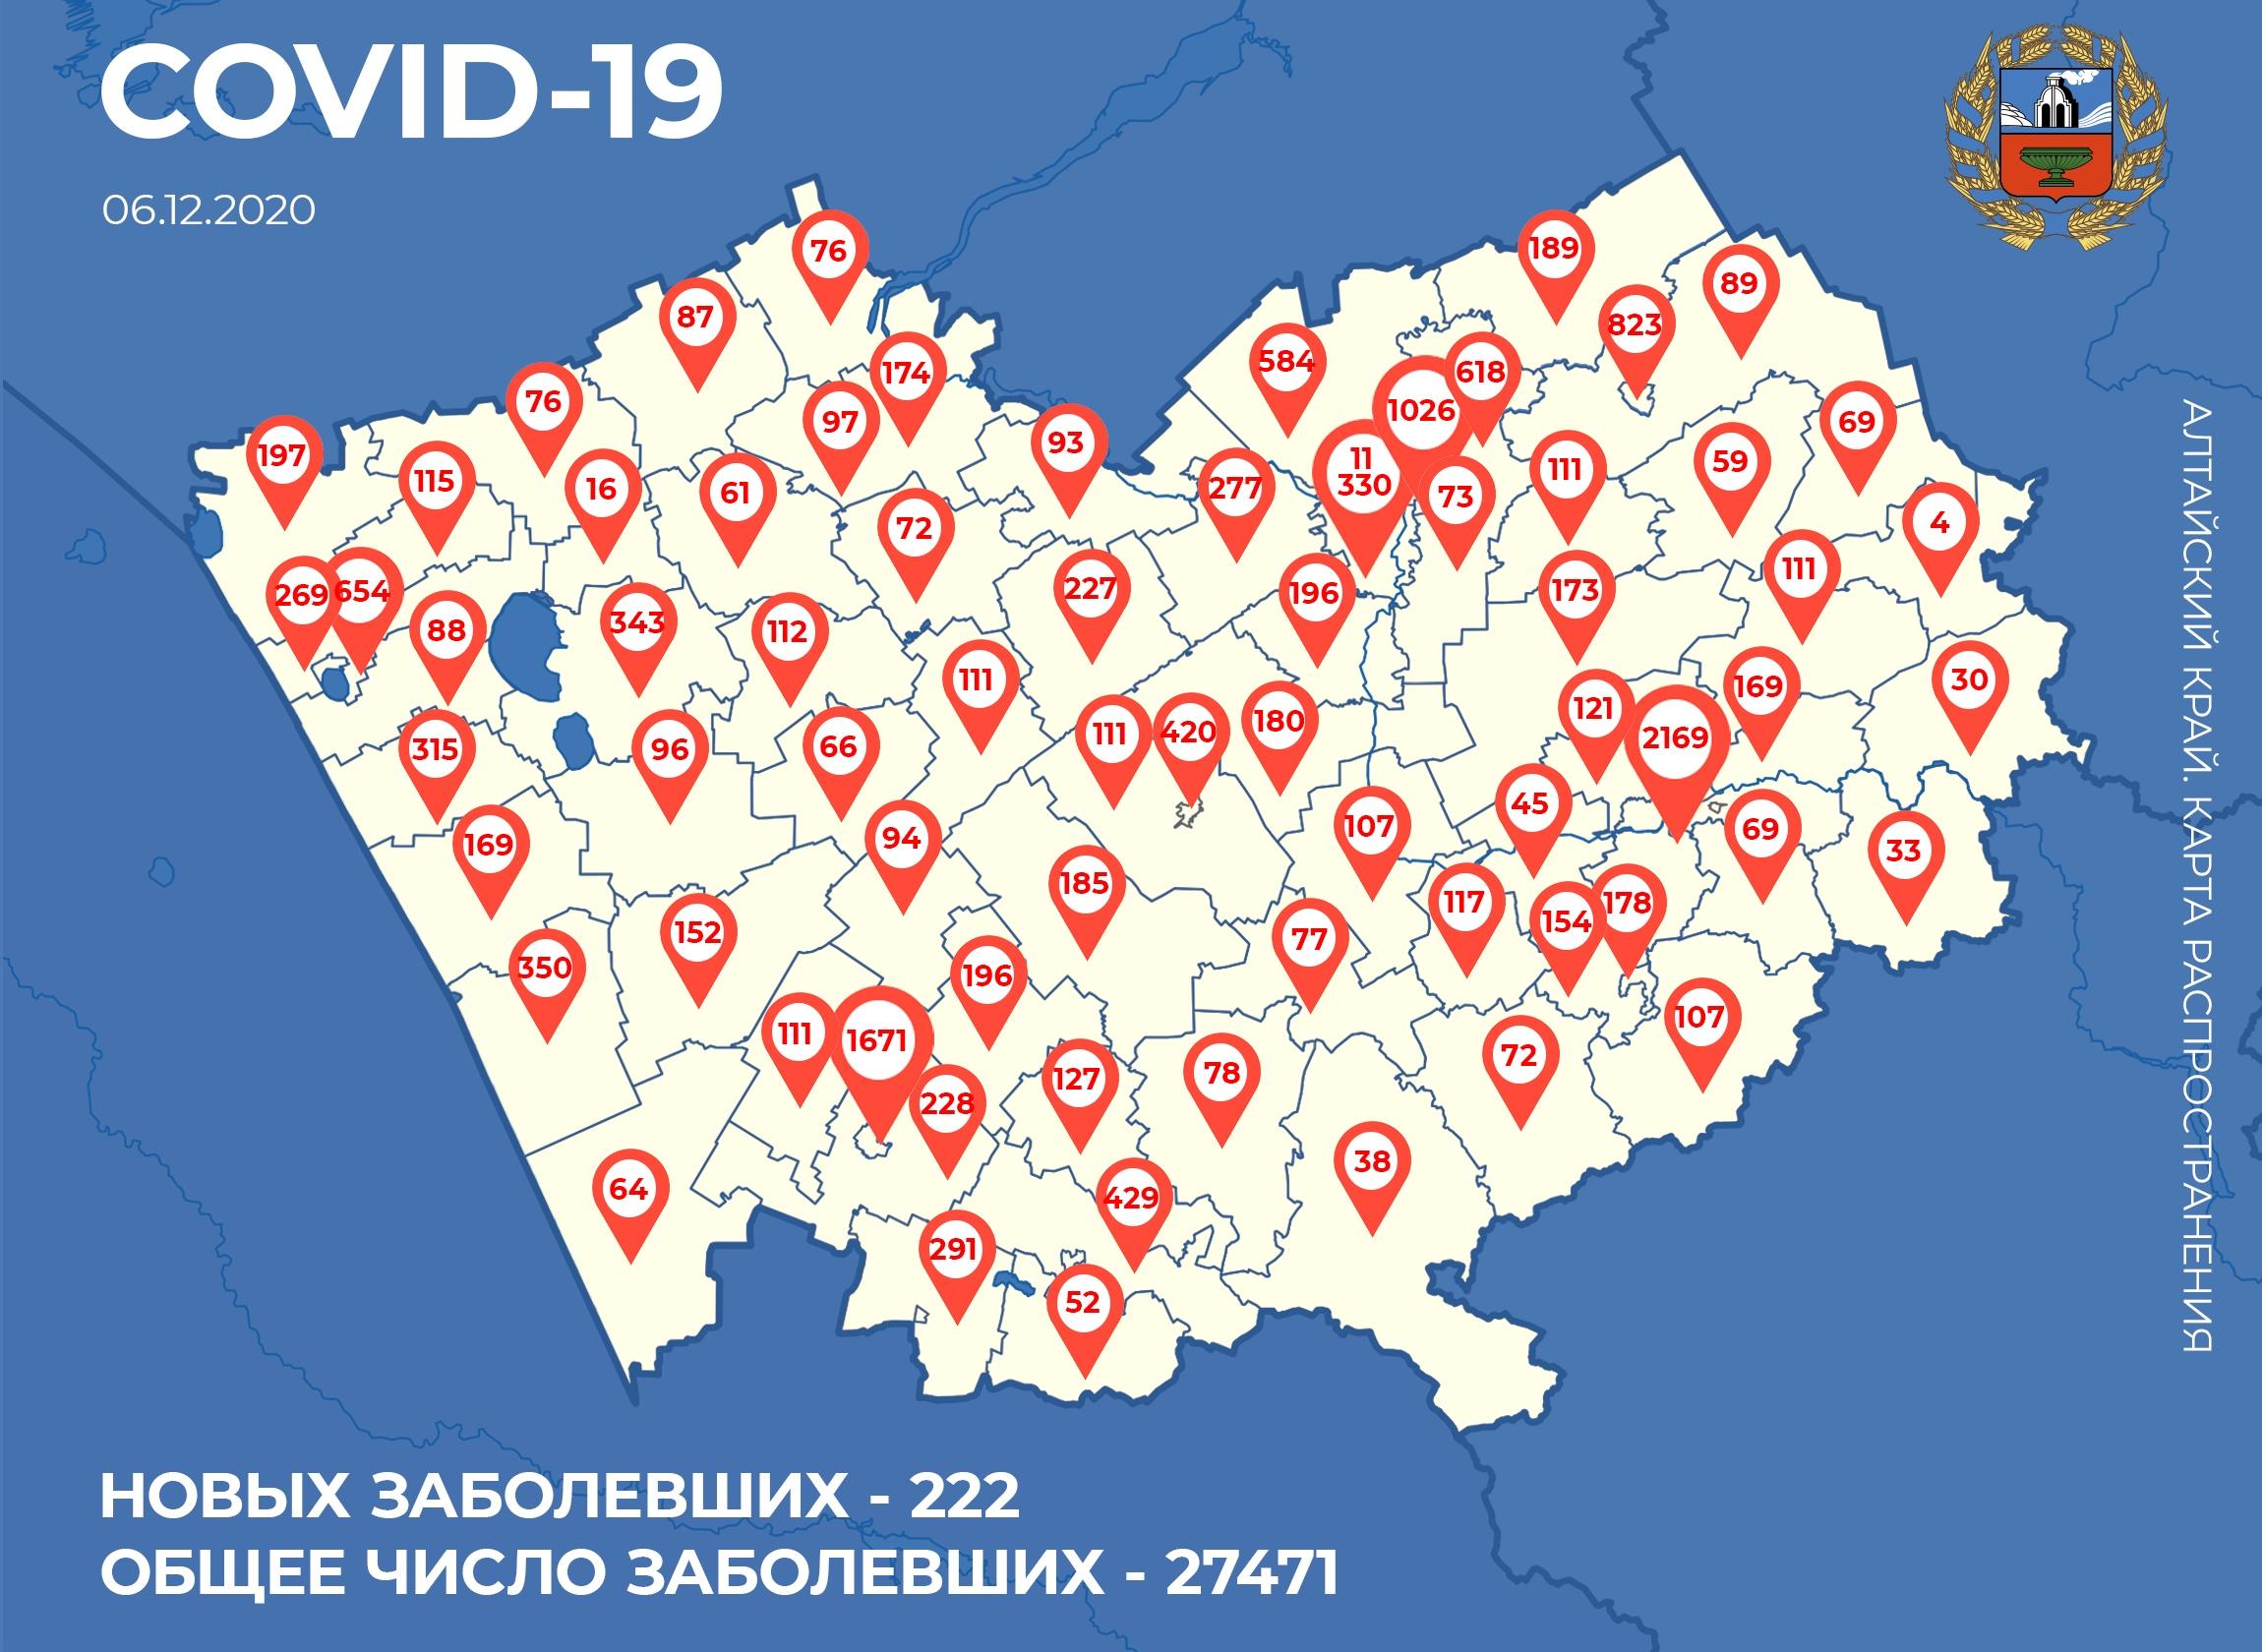 Коронавирус в Алтайском крае - ситуация на 6 декабря 2020